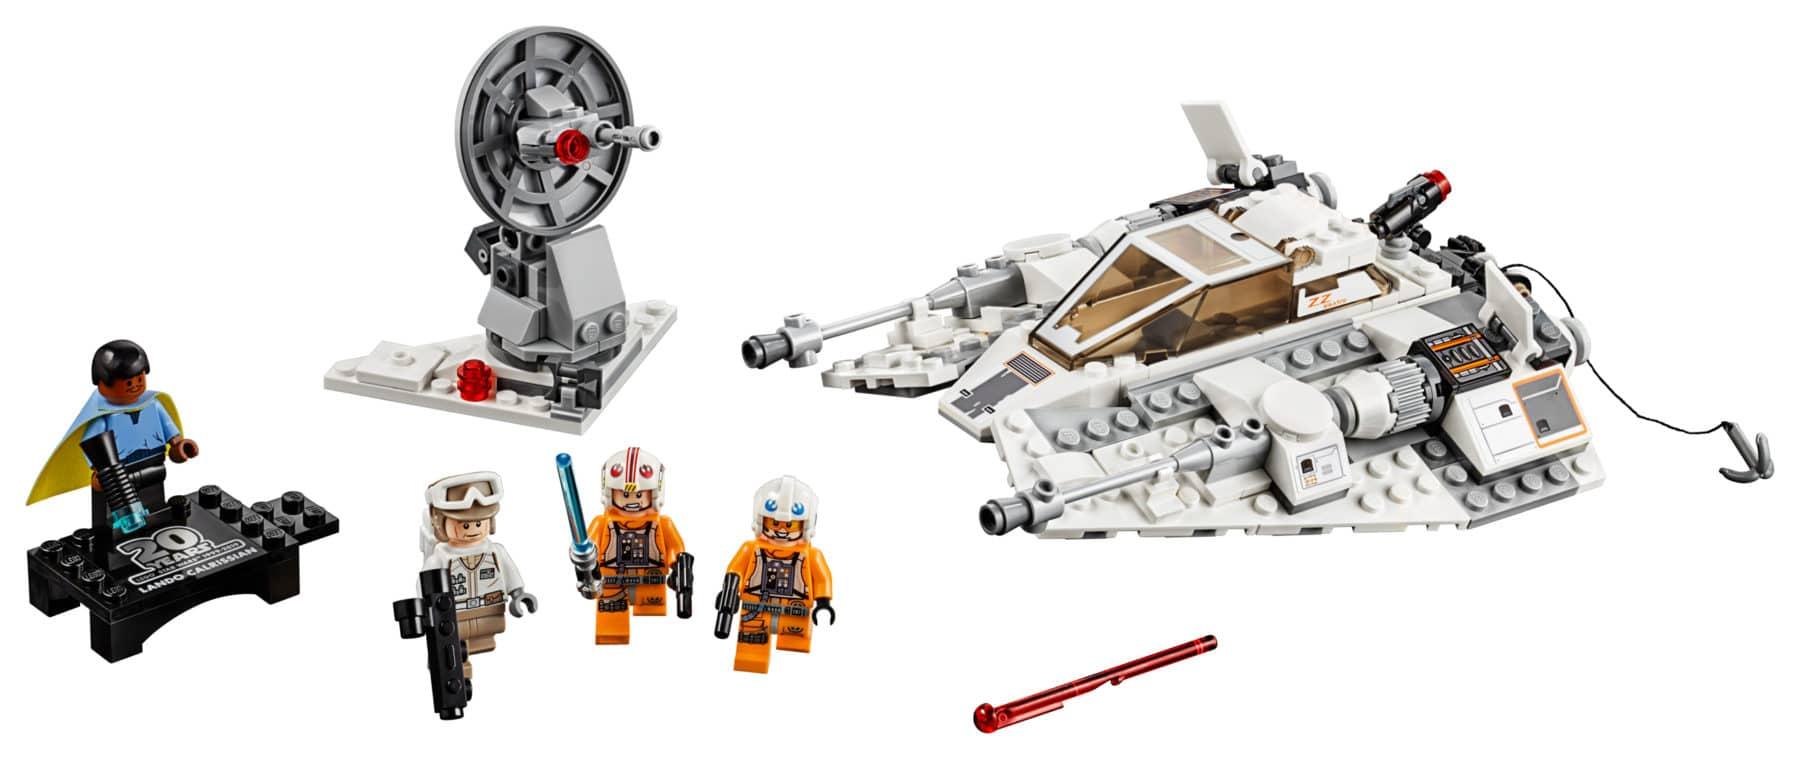 LEGO Star Wars 75259 Snowspeeder